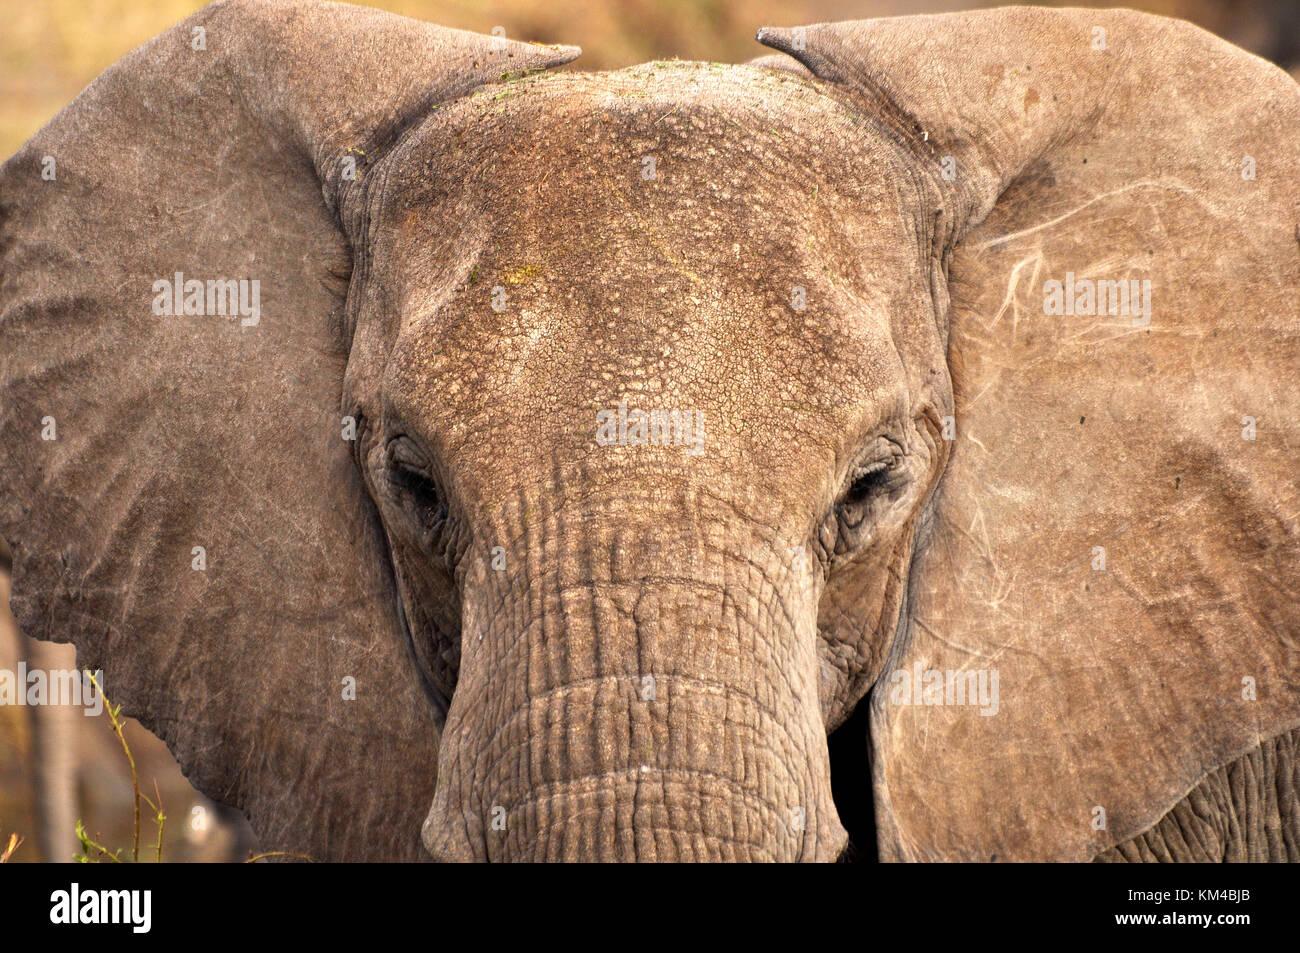 Bush Elephant (Loxodonta africana) - Stock Image